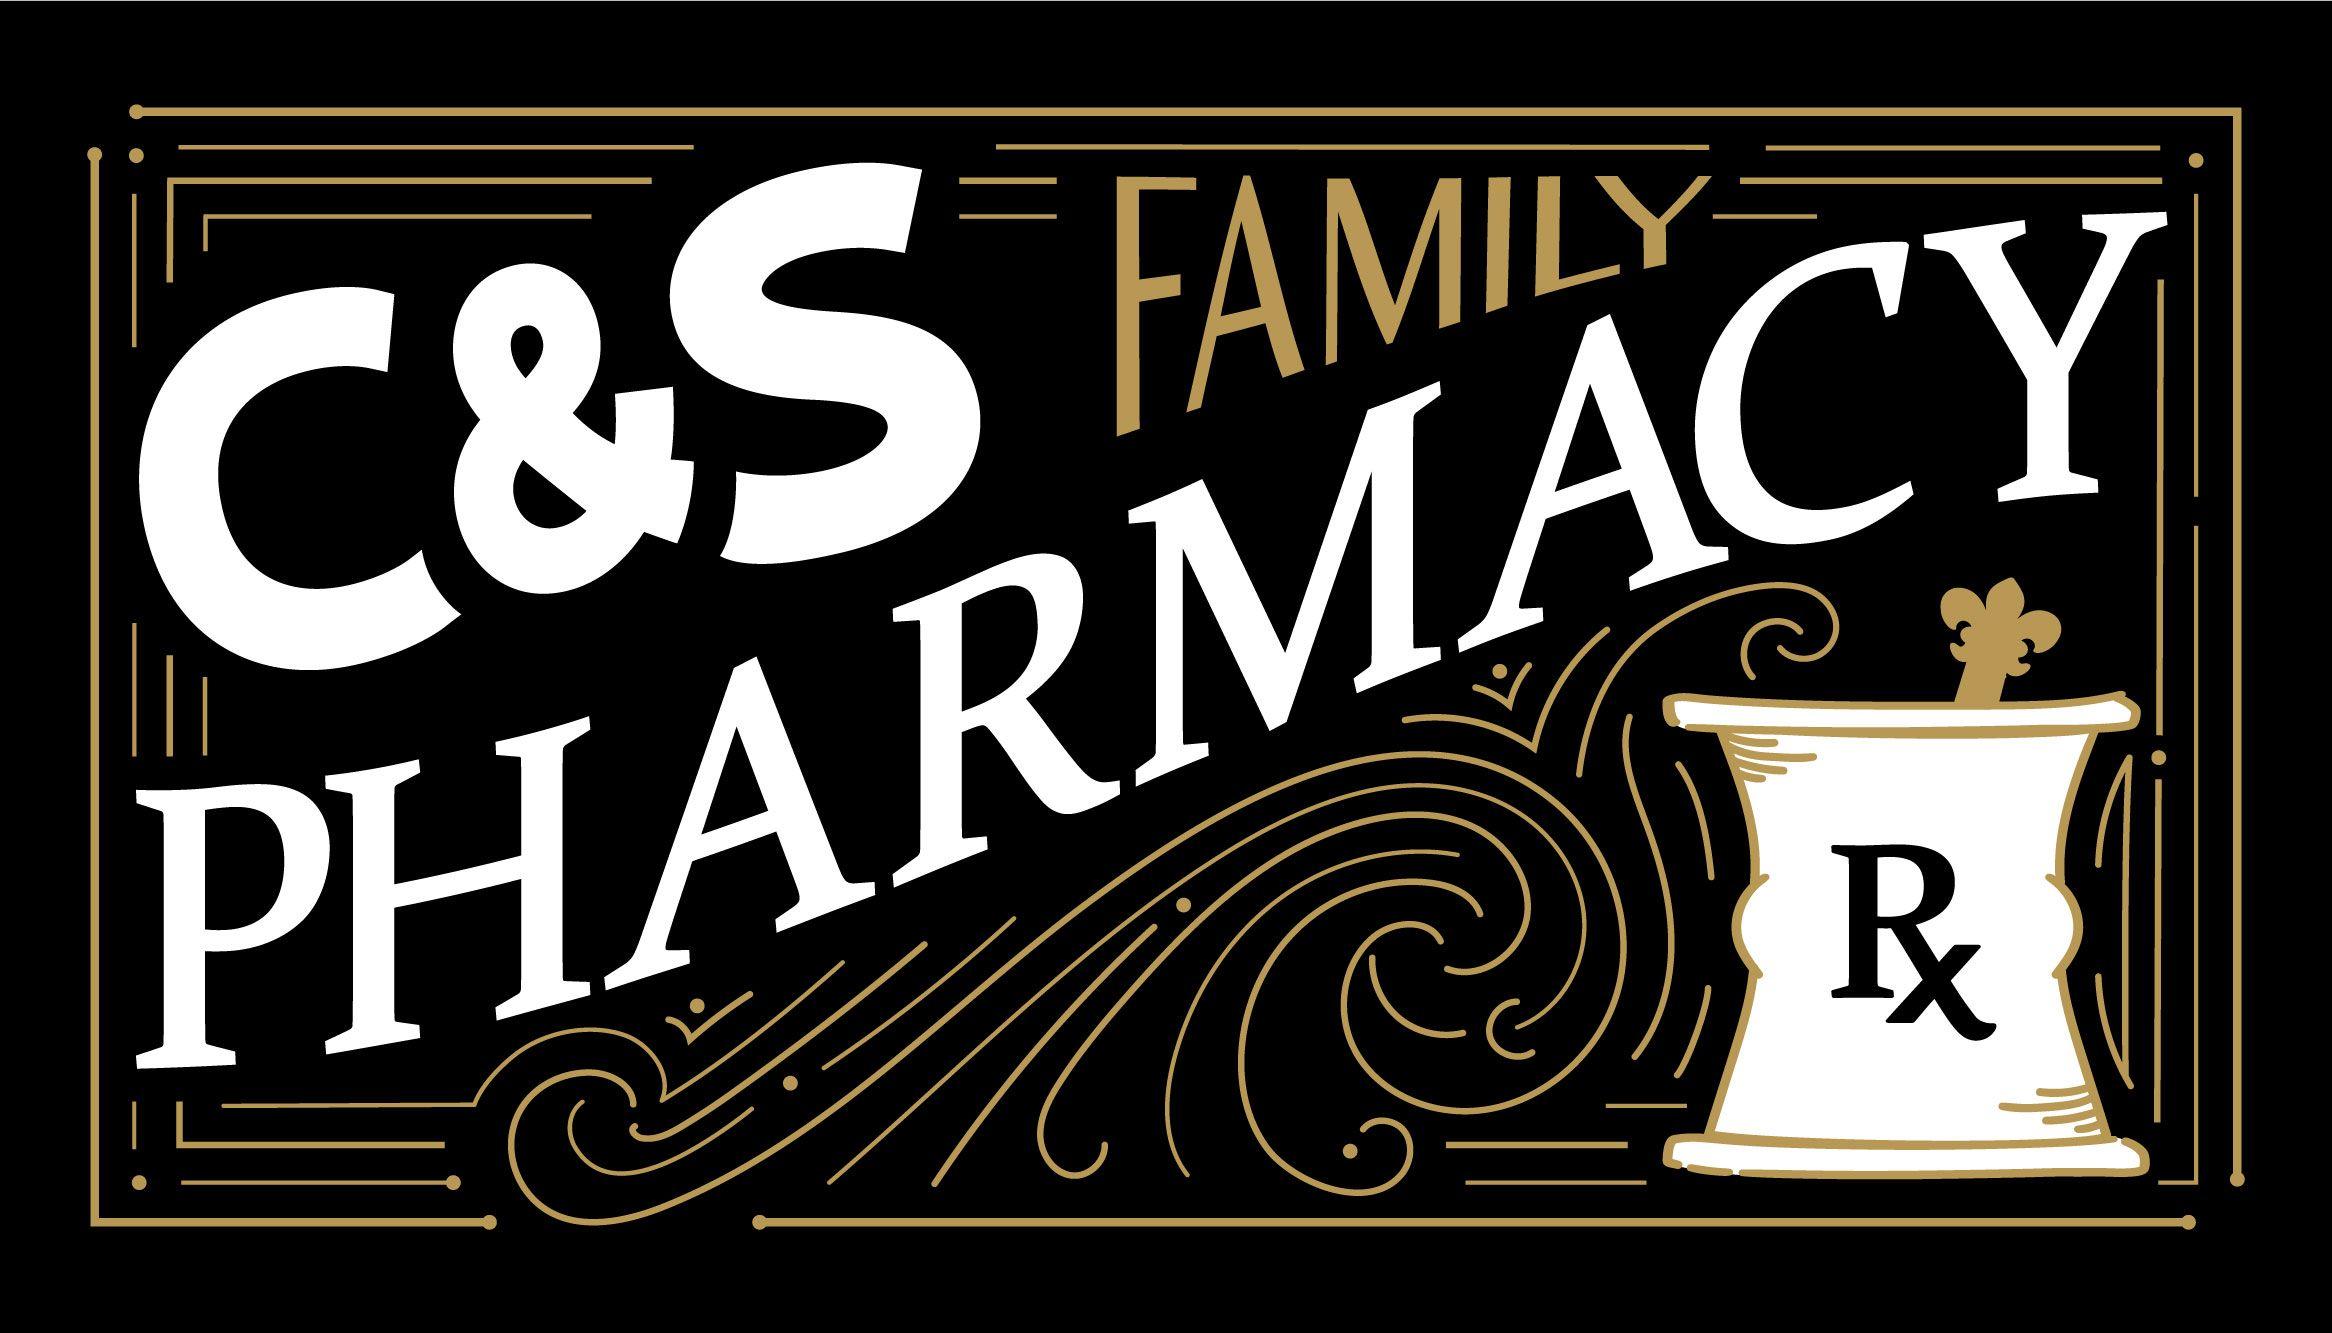 C&S Family Pharmacy